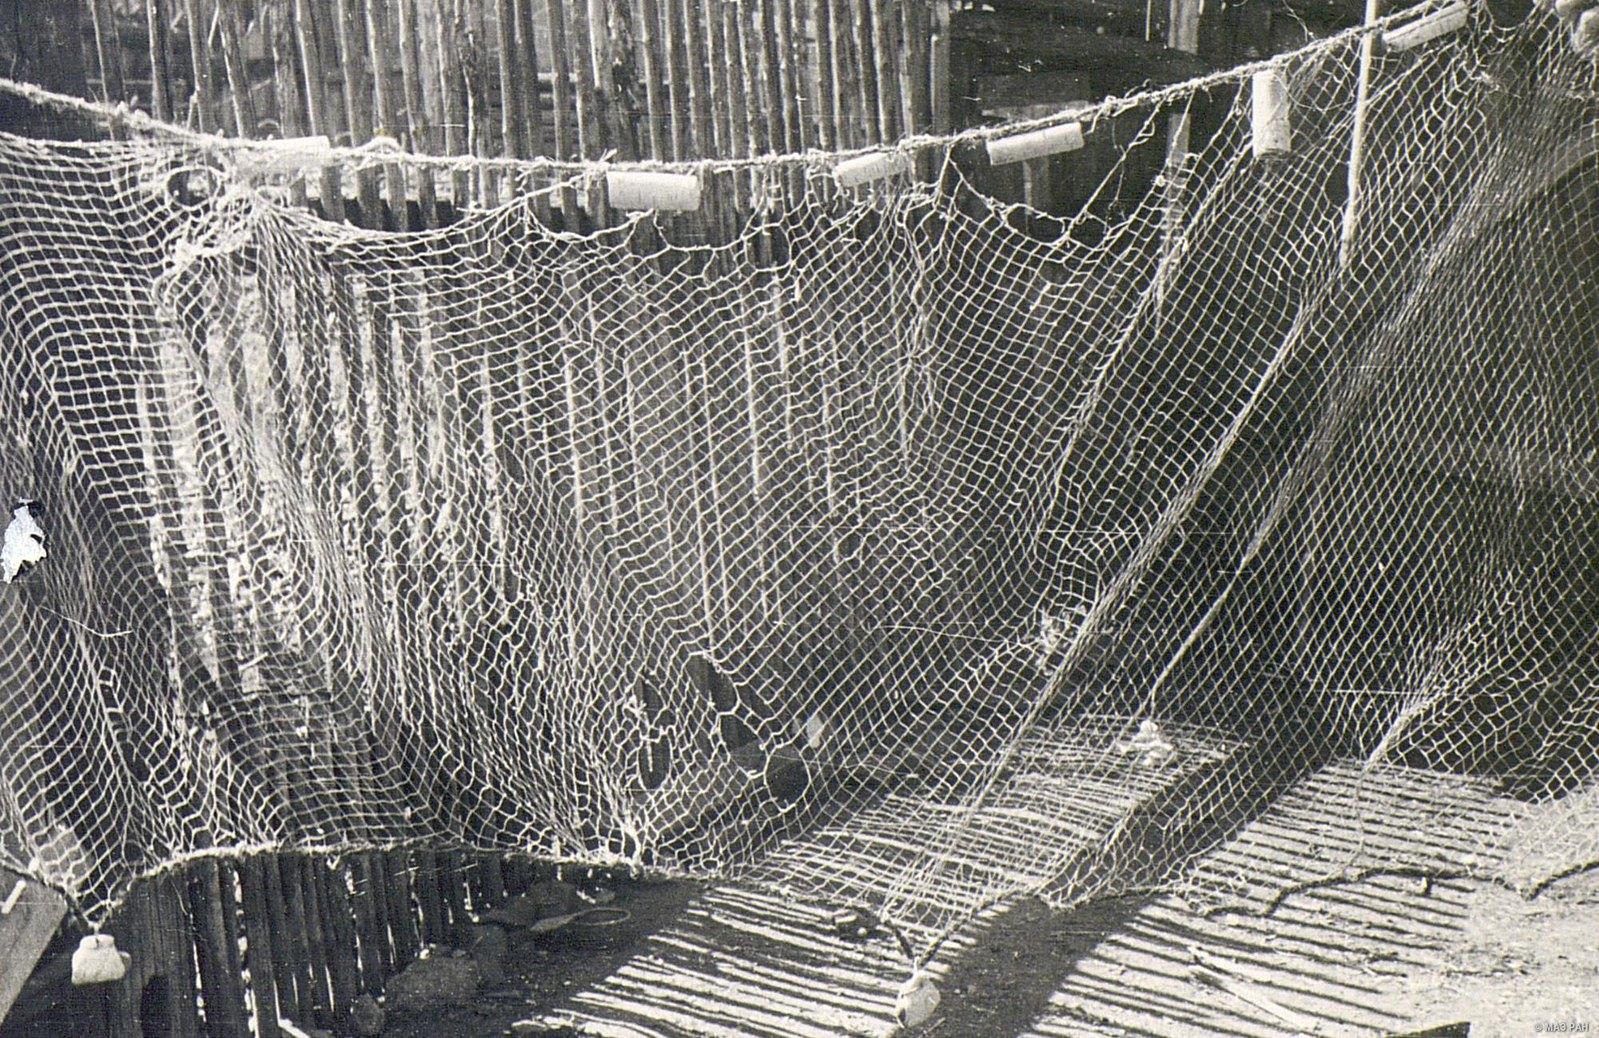 Рыболовная сеть с «цевками» (поплавками) и «кибасками» (грузилами)